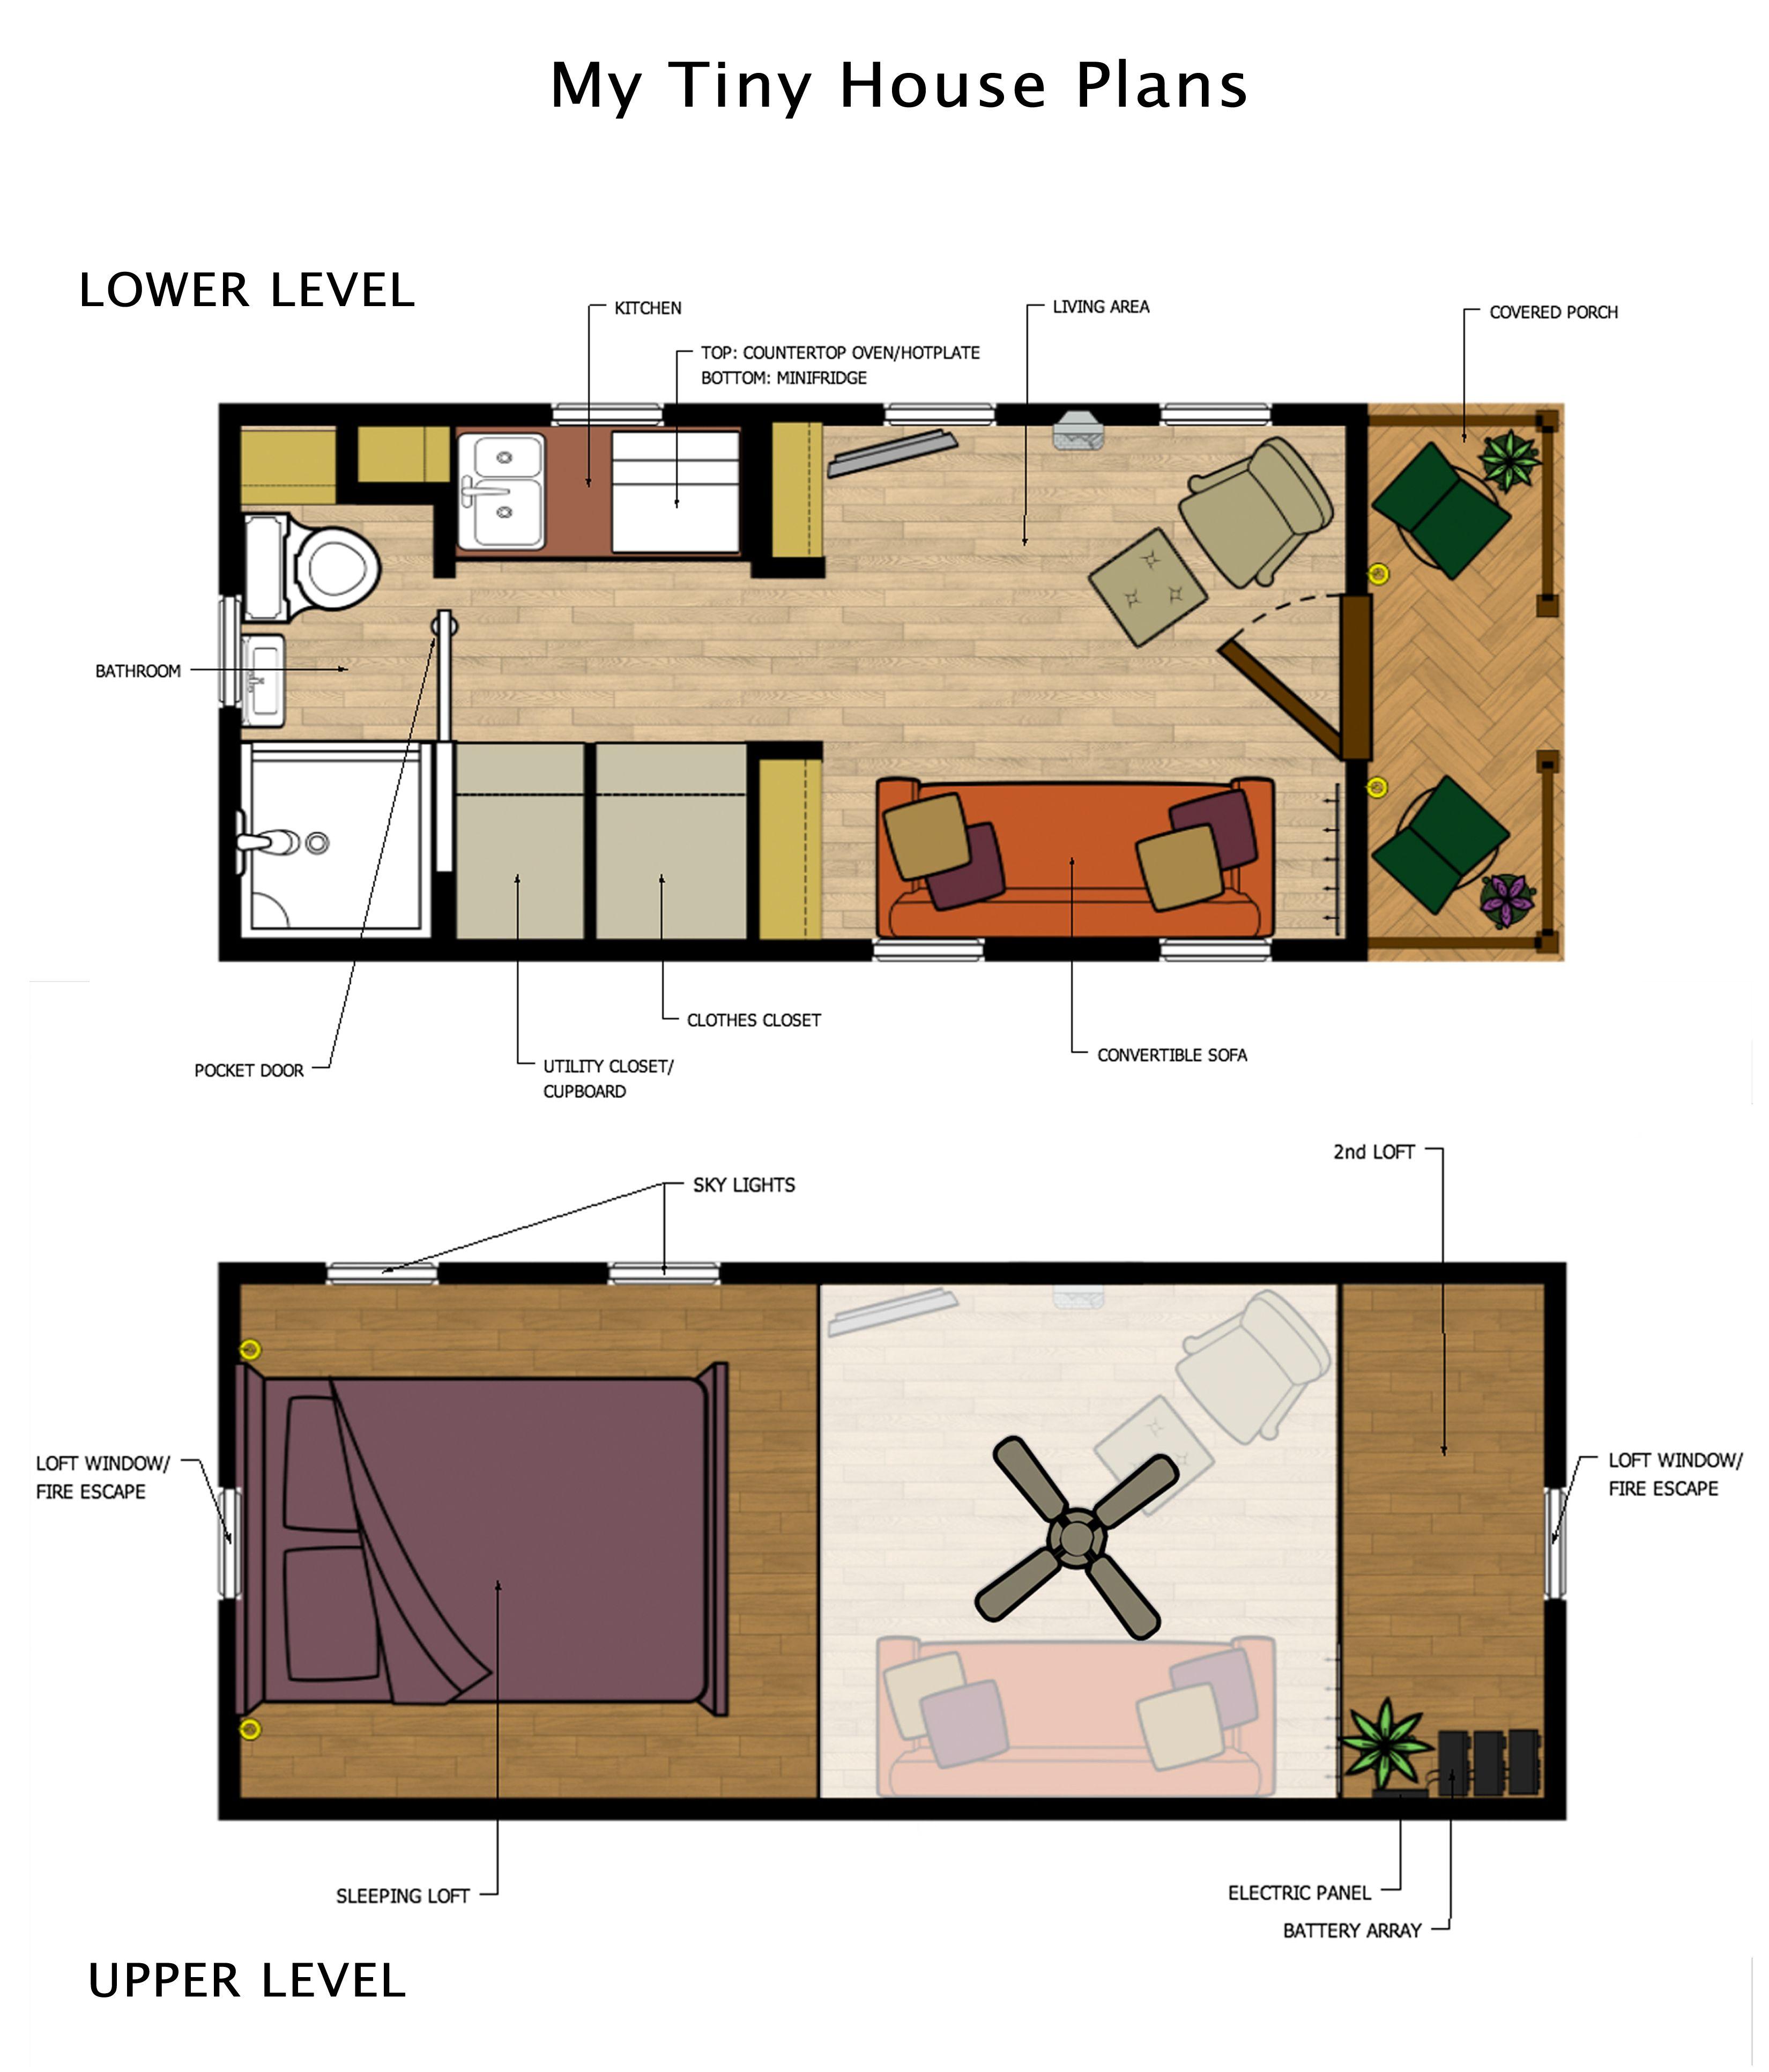 mra tiny house plans2 mein bauwagen pinterest haus kleines h uschen und wohnen. Black Bedroom Furniture Sets. Home Design Ideas